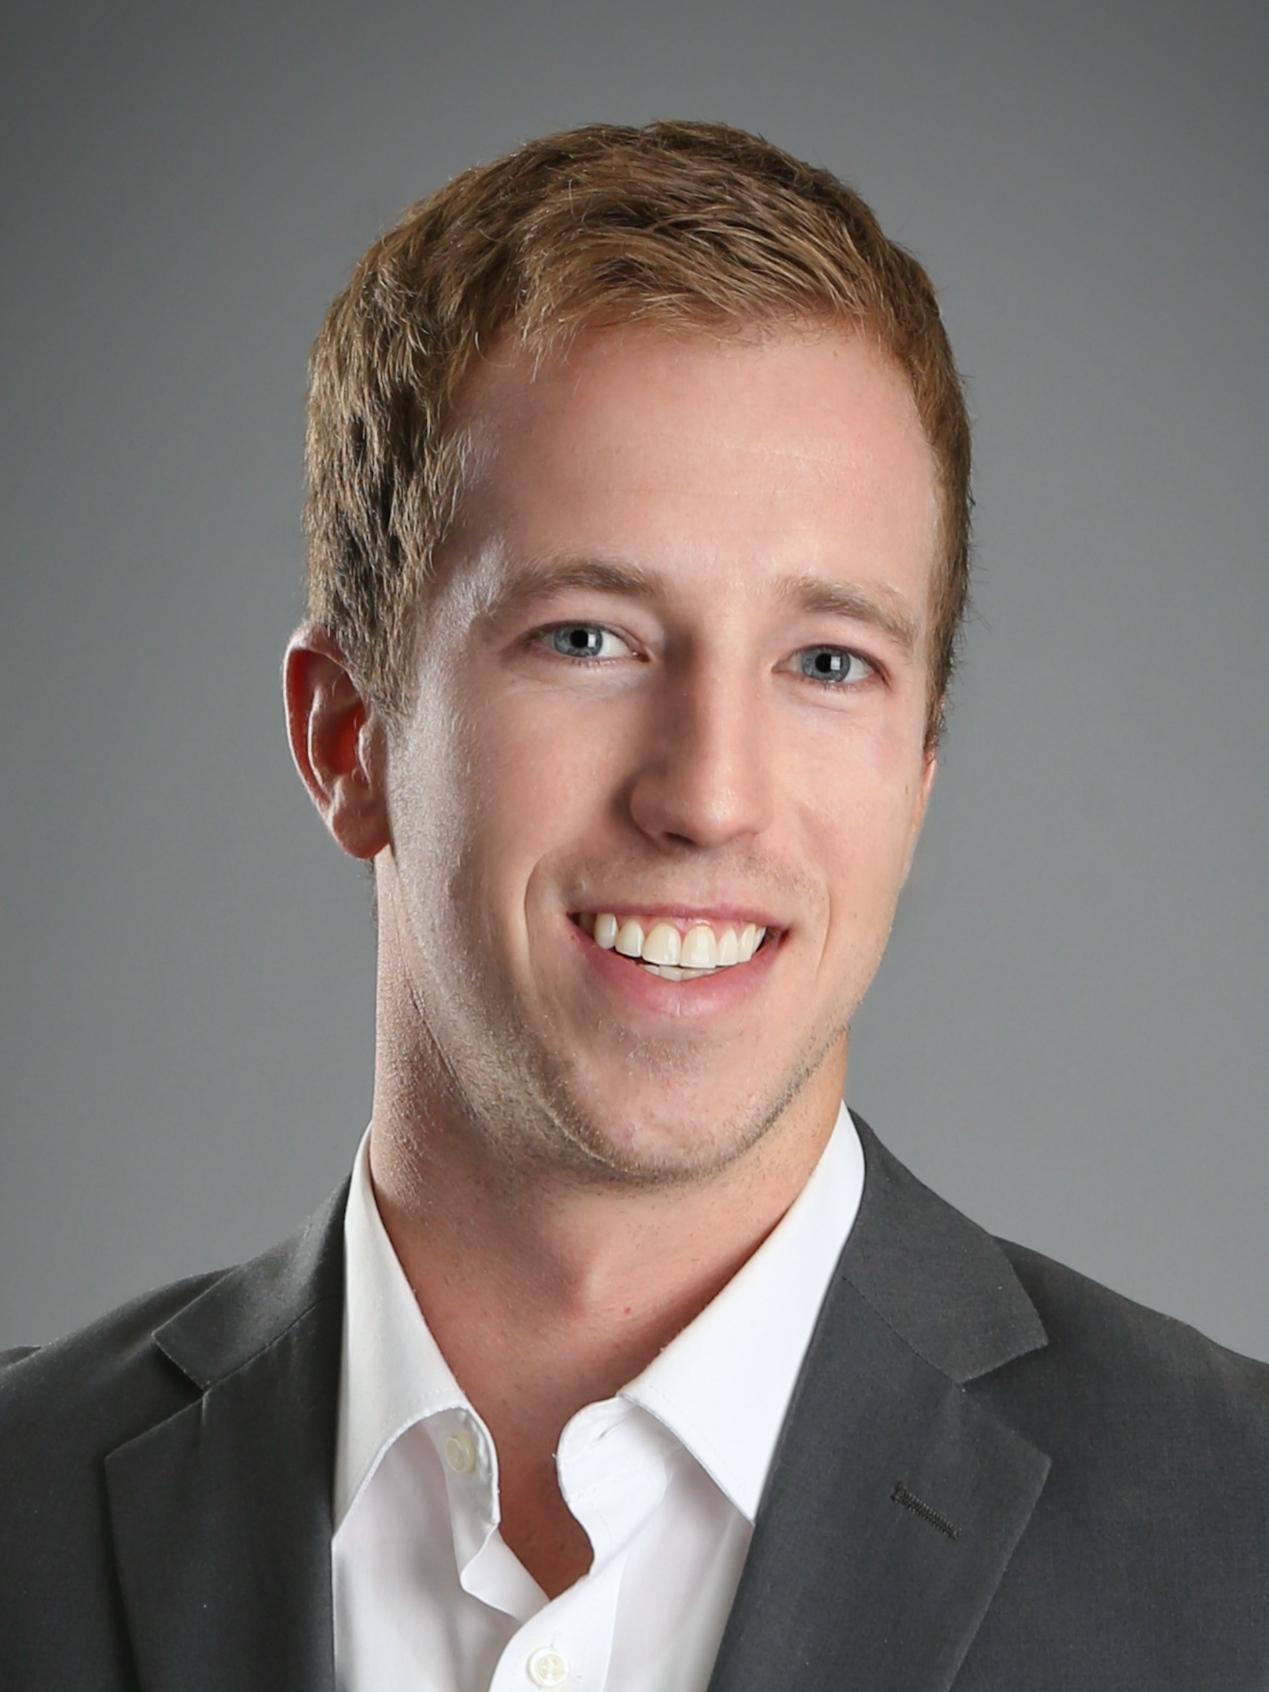 Nick Dockter, Agent